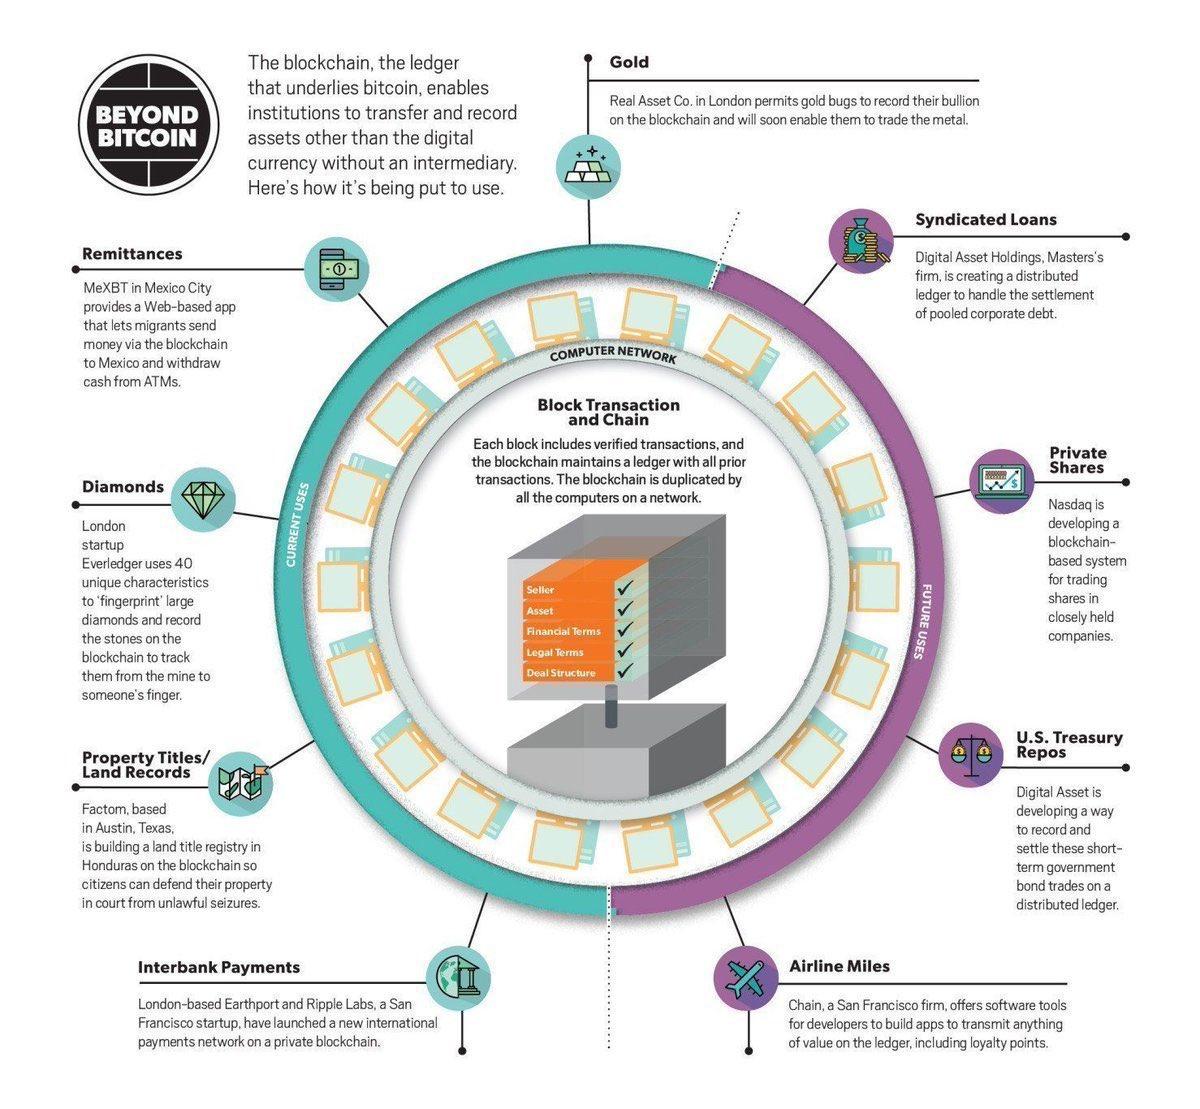 #blockchain, derrière le battage mediatique, 10 exemples de son utilisation ! #banque #fintech v/ @MikeQuindazzi @LesNapoleons @jblefevre60<br>http://pic.twitter.com/MpP6y6HUis